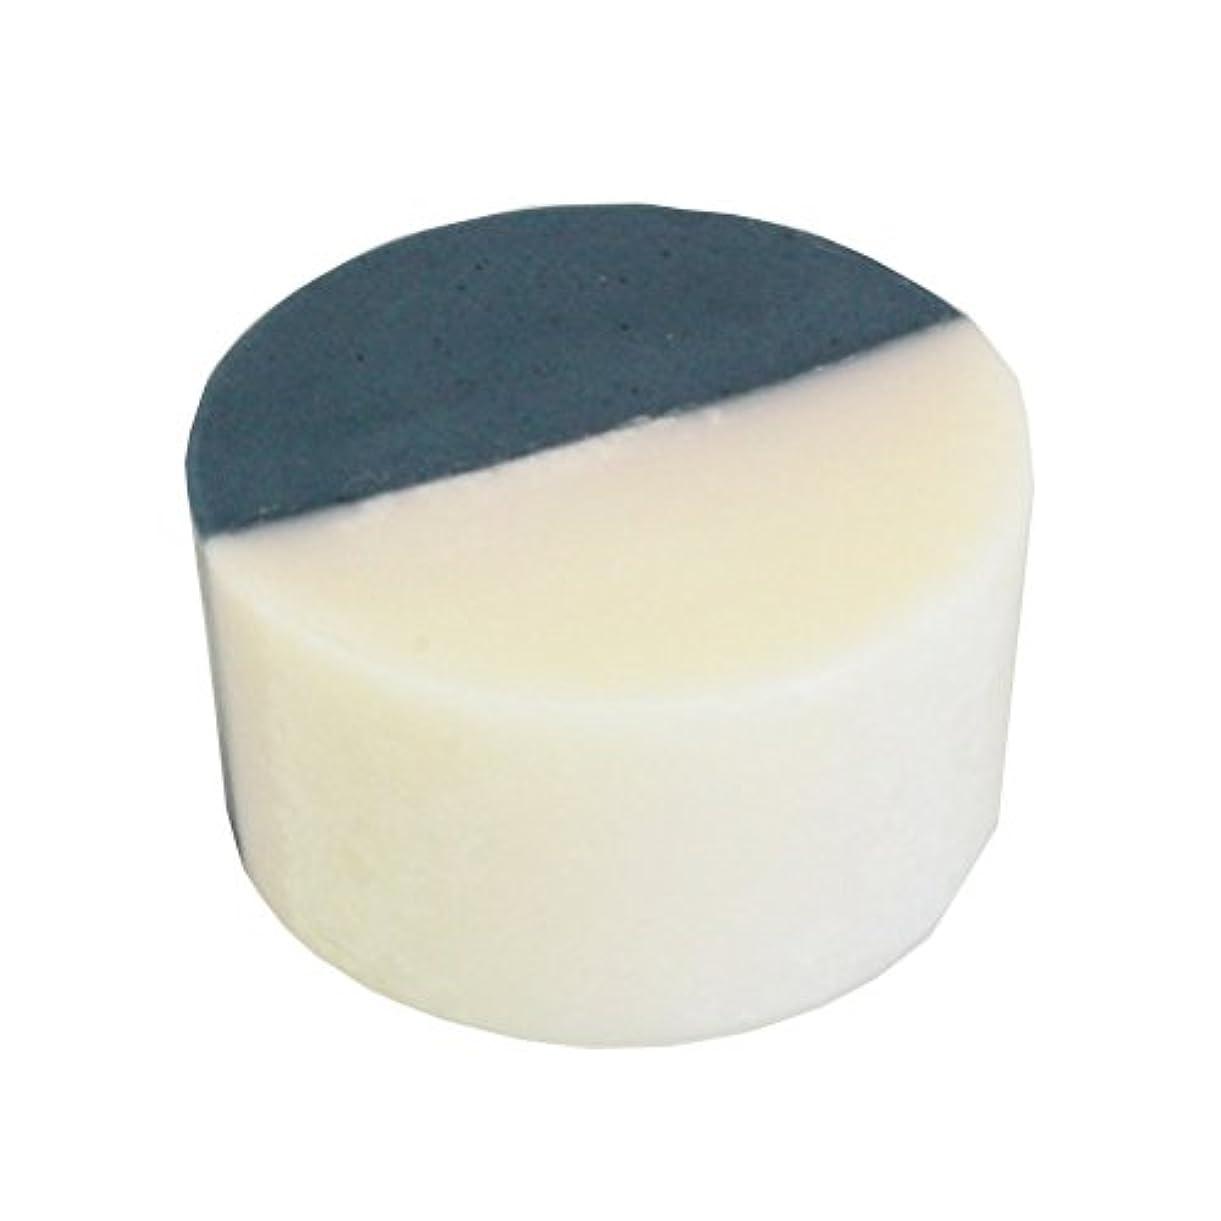 デザート迫害持続的藍色工房 藍染め石けん「ふたえ」(60g)